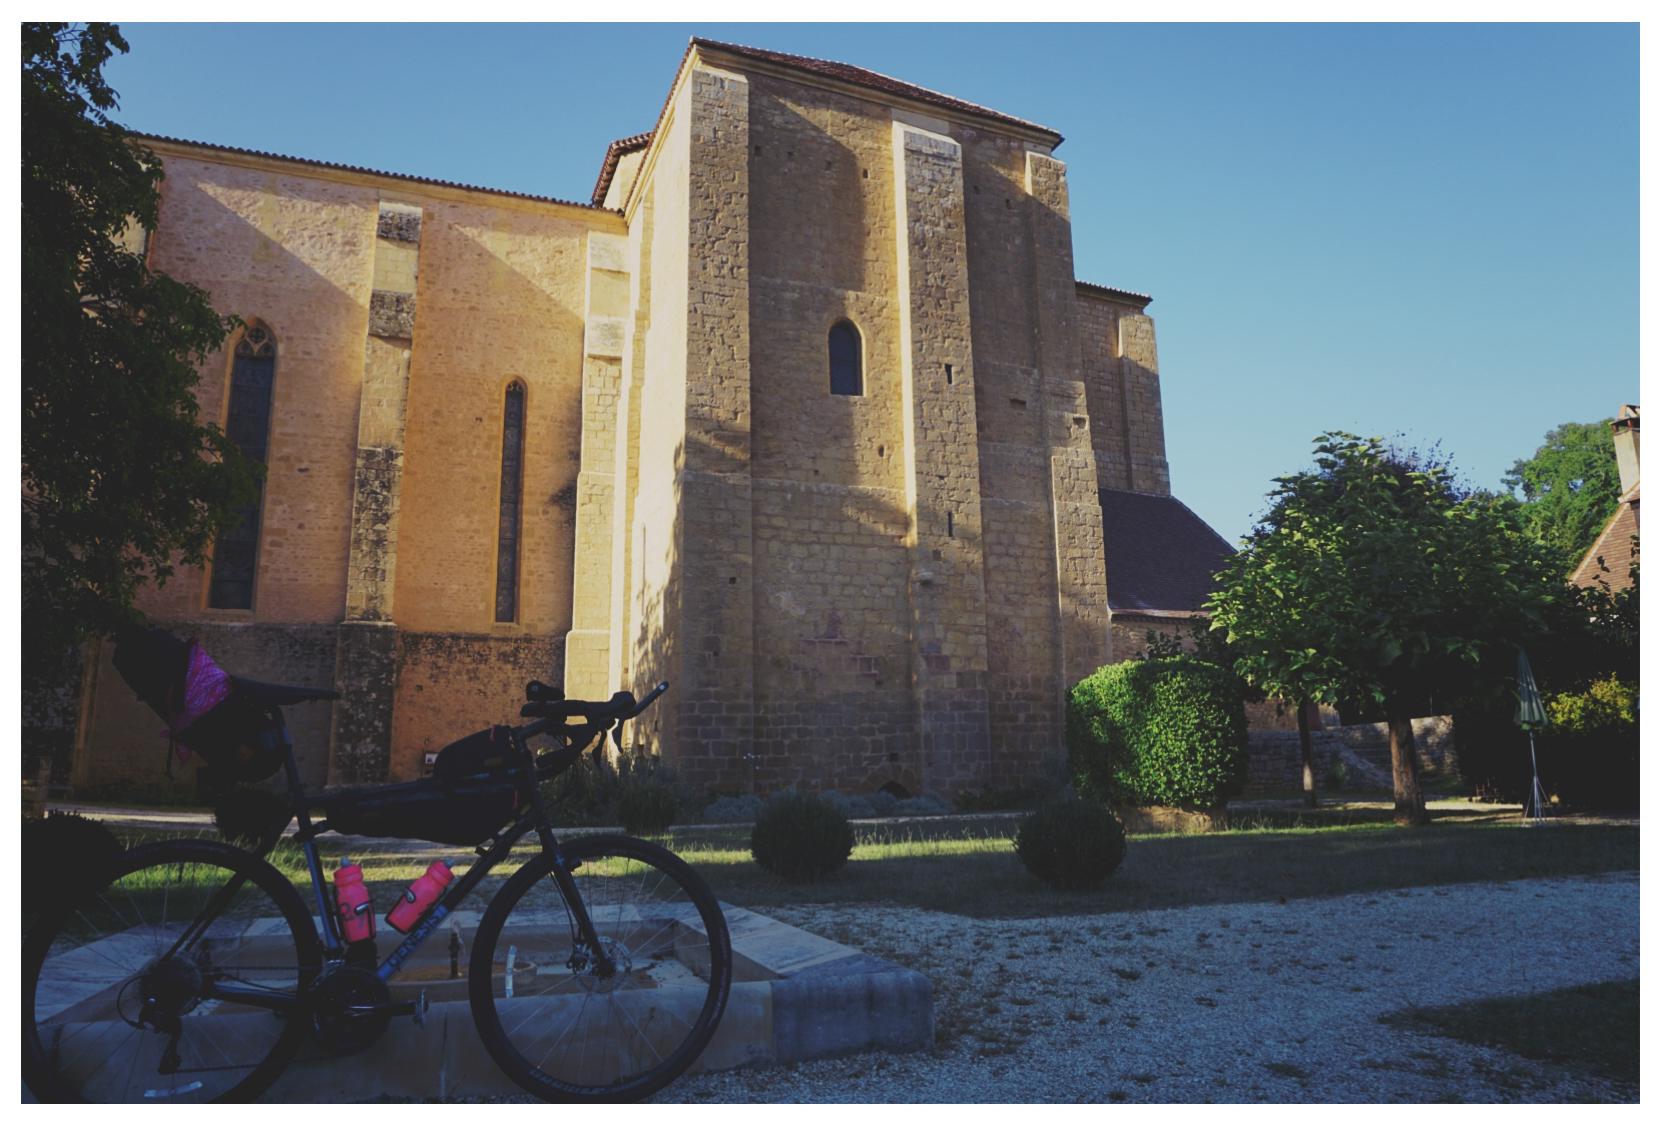 St Julien, Dordogne 2018